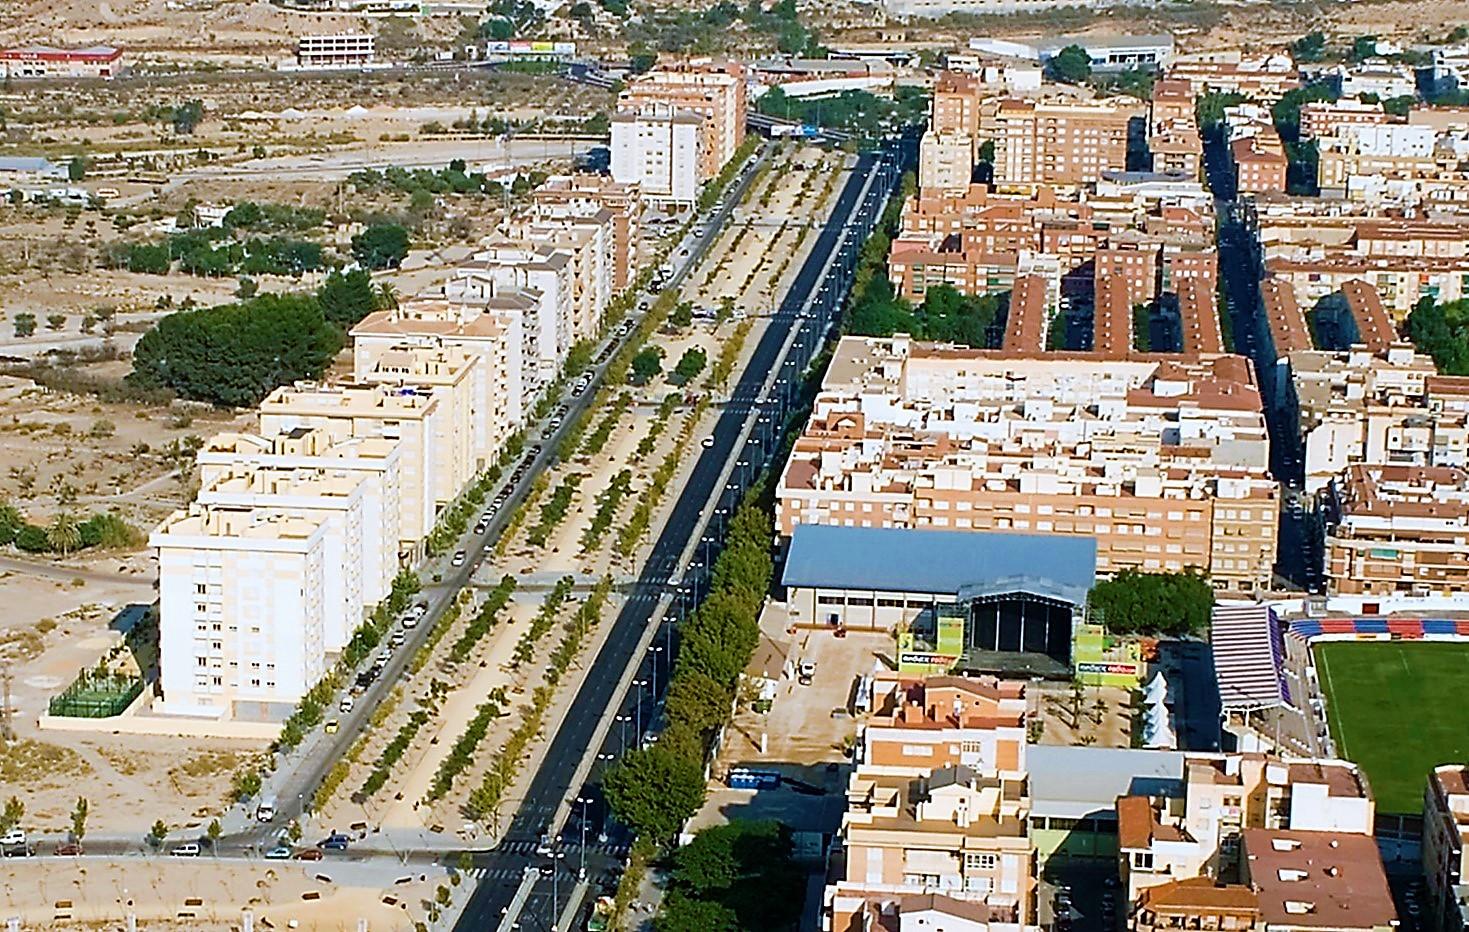 El Ayuntamiento de Elda inicia los trámites para autorizar la implantación de una superficie comercial mediana en la Avenida de Ronda